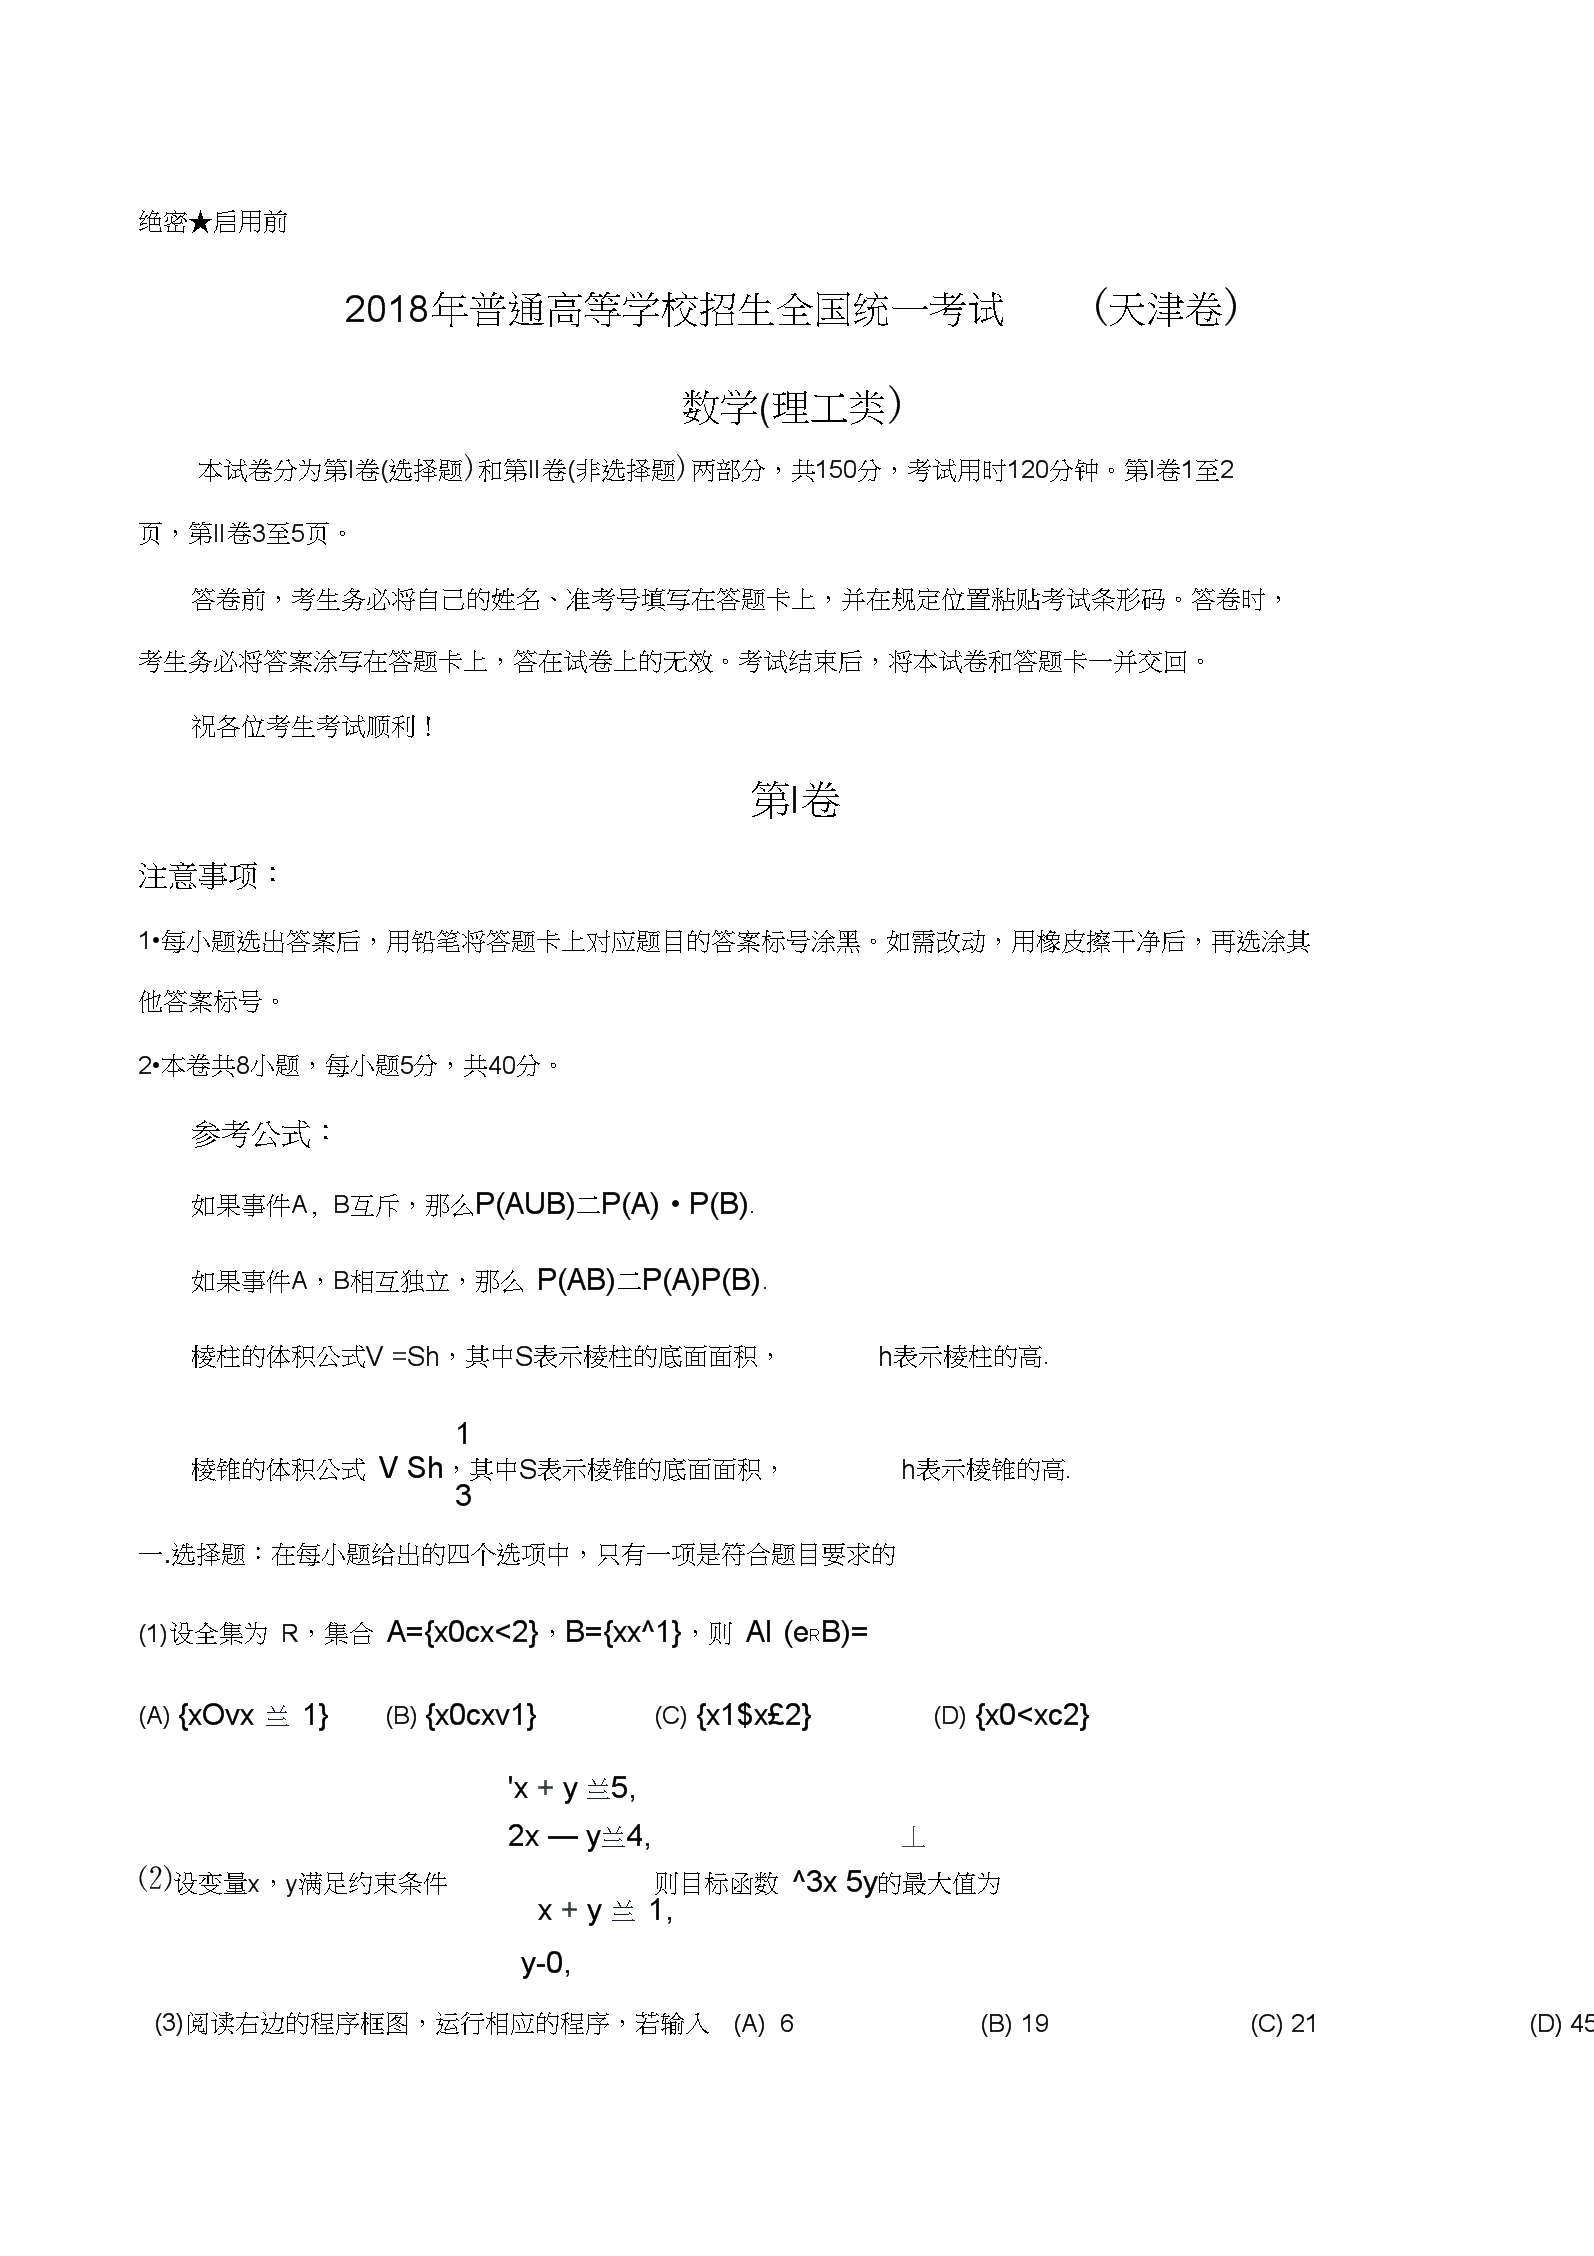 【真题】2018年天津市高考数学(理科)试题含答案.docx